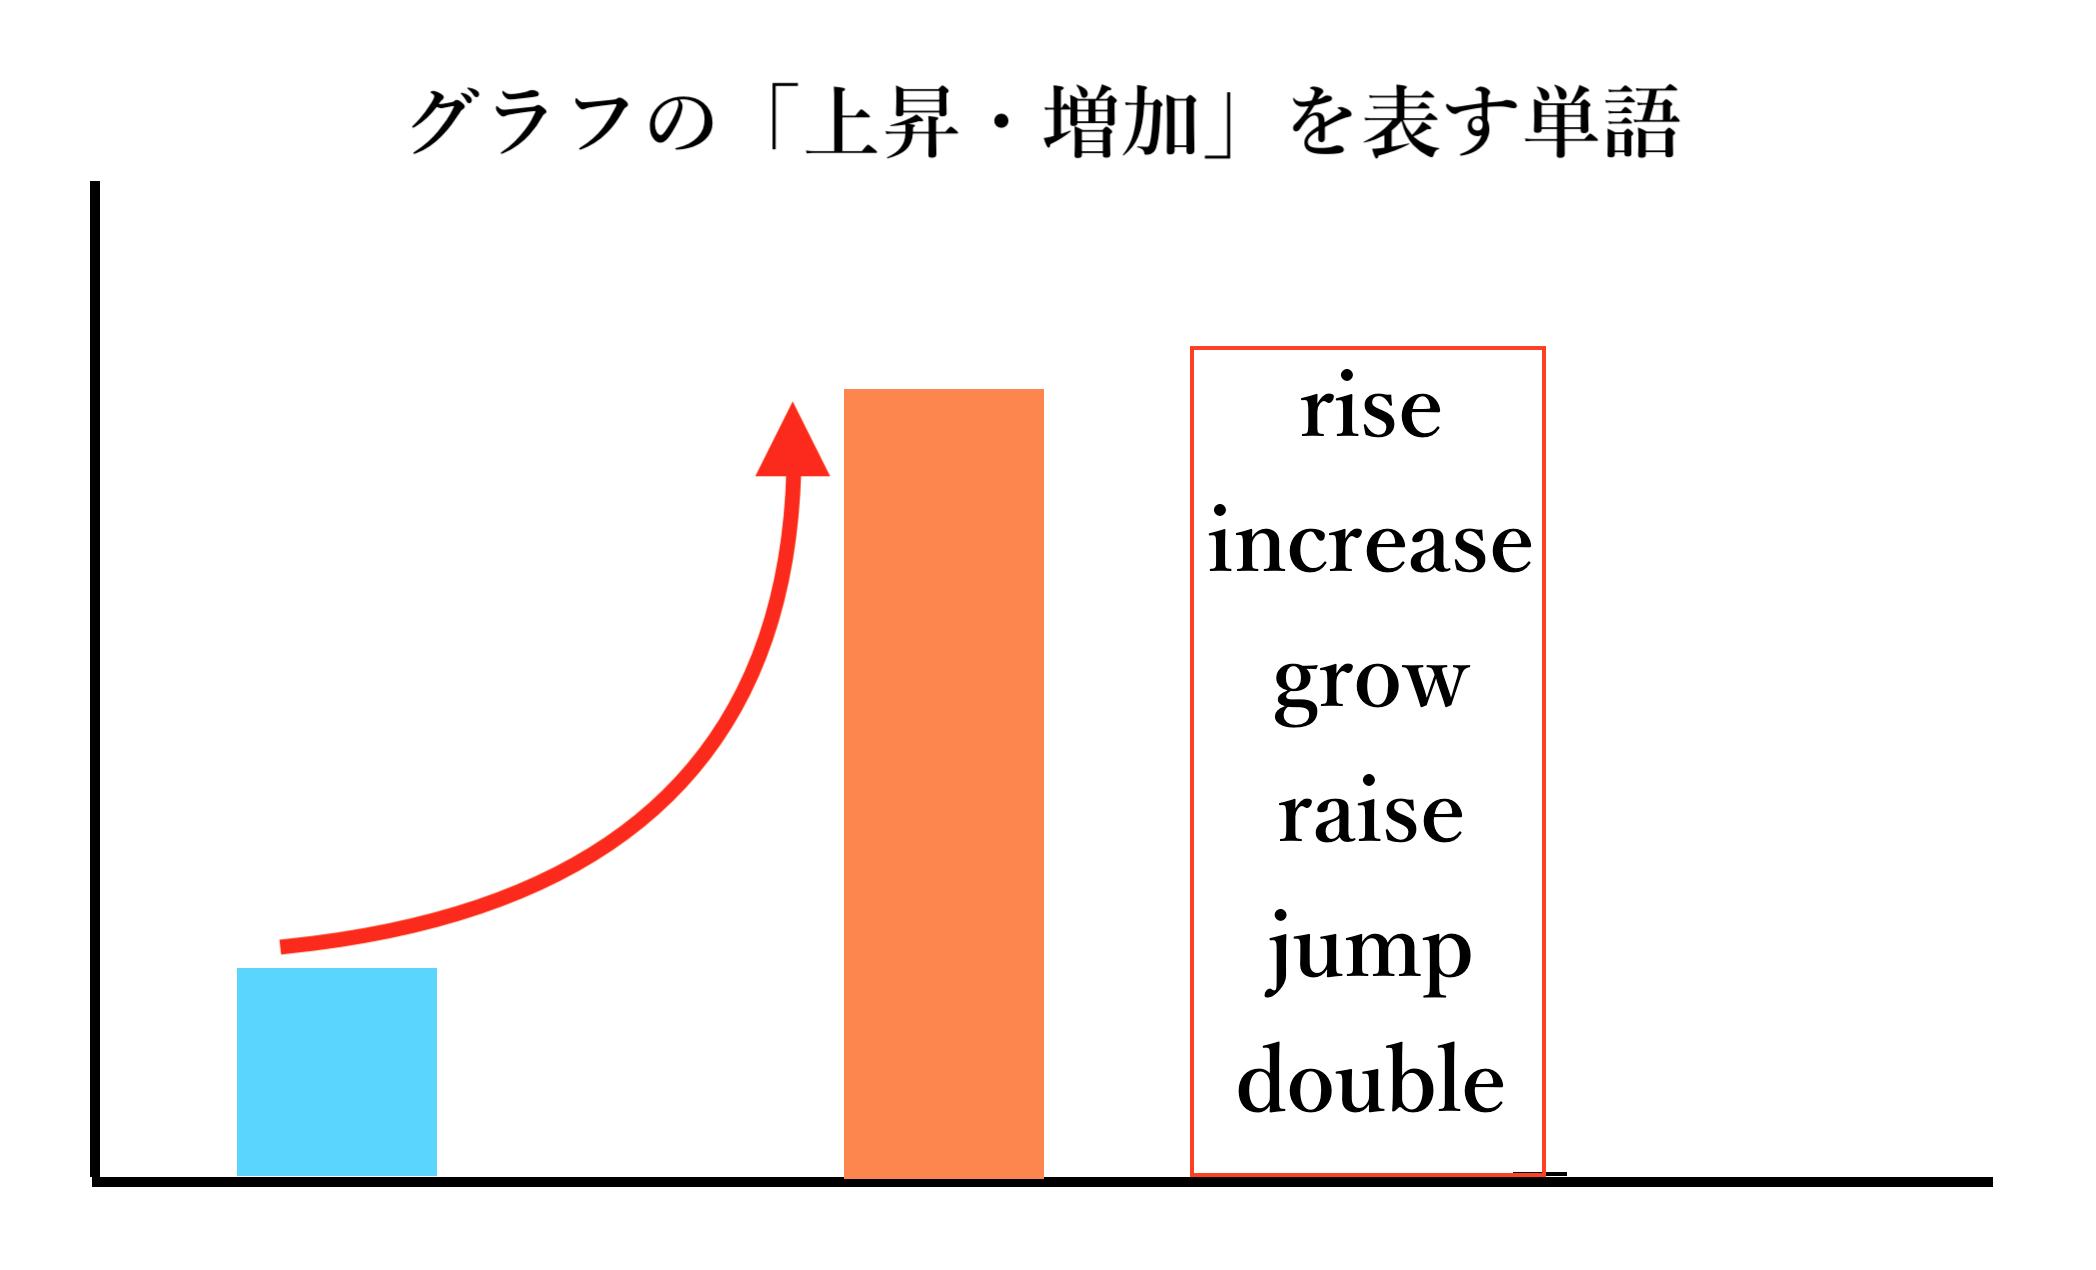 グラフ推移 上昇・増加説明図(筆者自作)